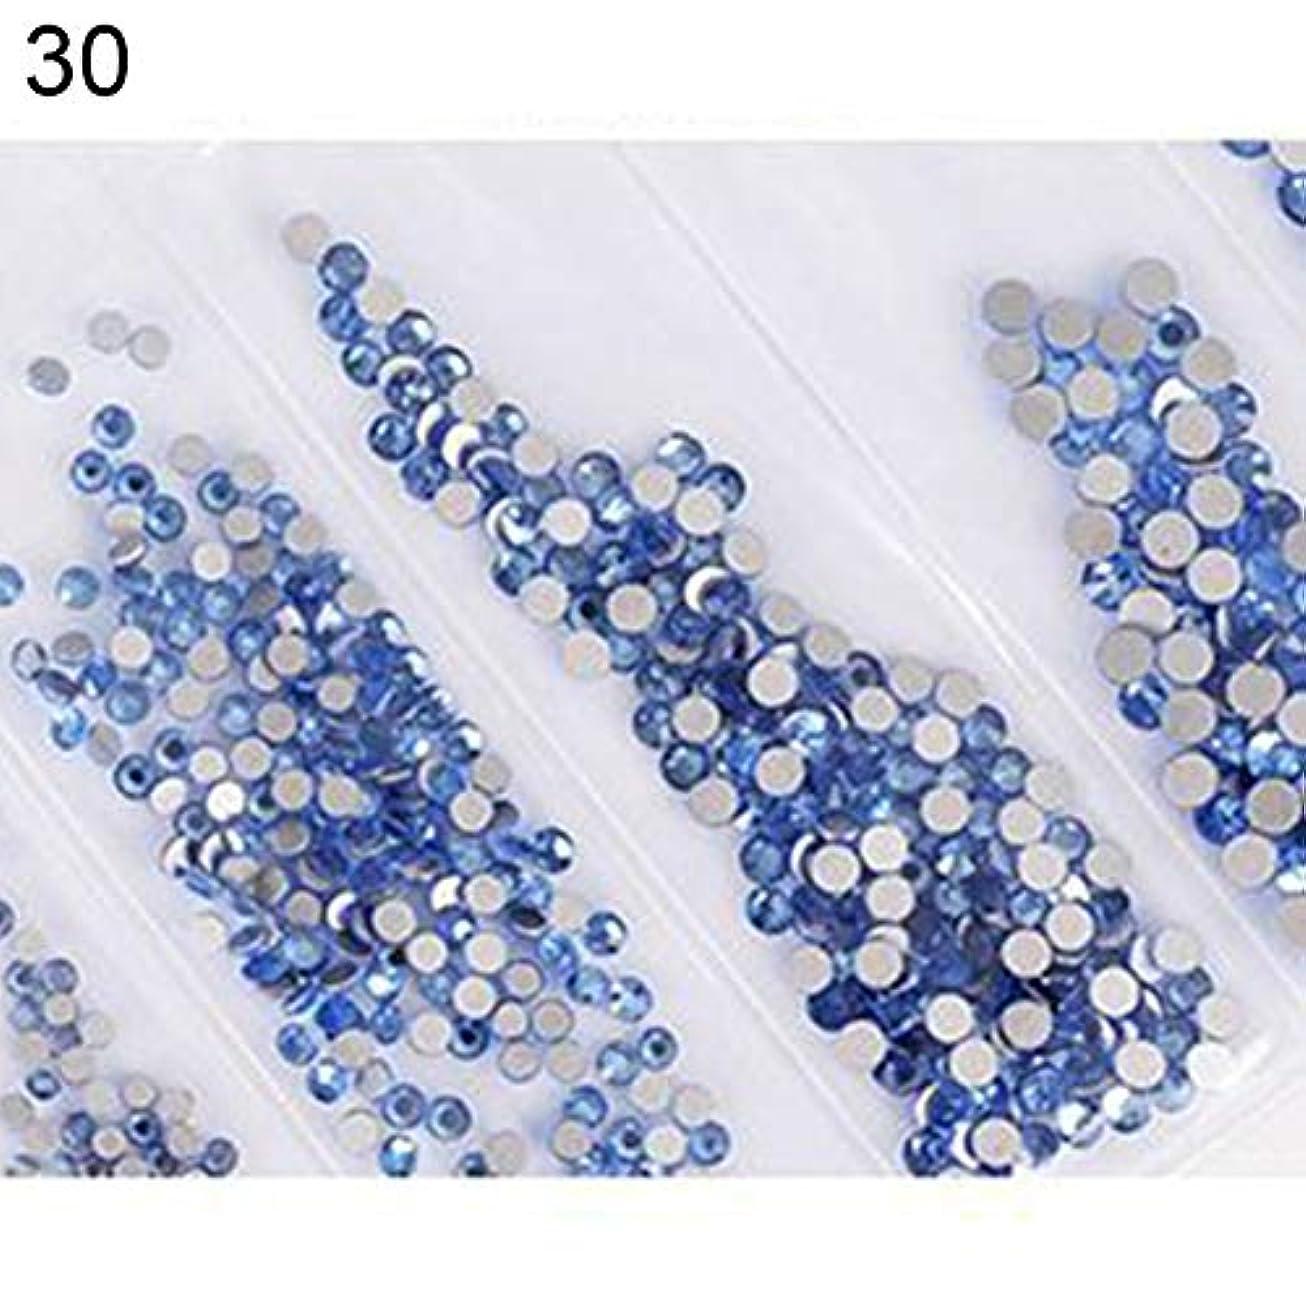 そんなに弁護士ローズhamulekfae-6ピース光沢のあるフラットガラスラインストーンネイルアートの装飾diyマニキュアのヒントツール 30#